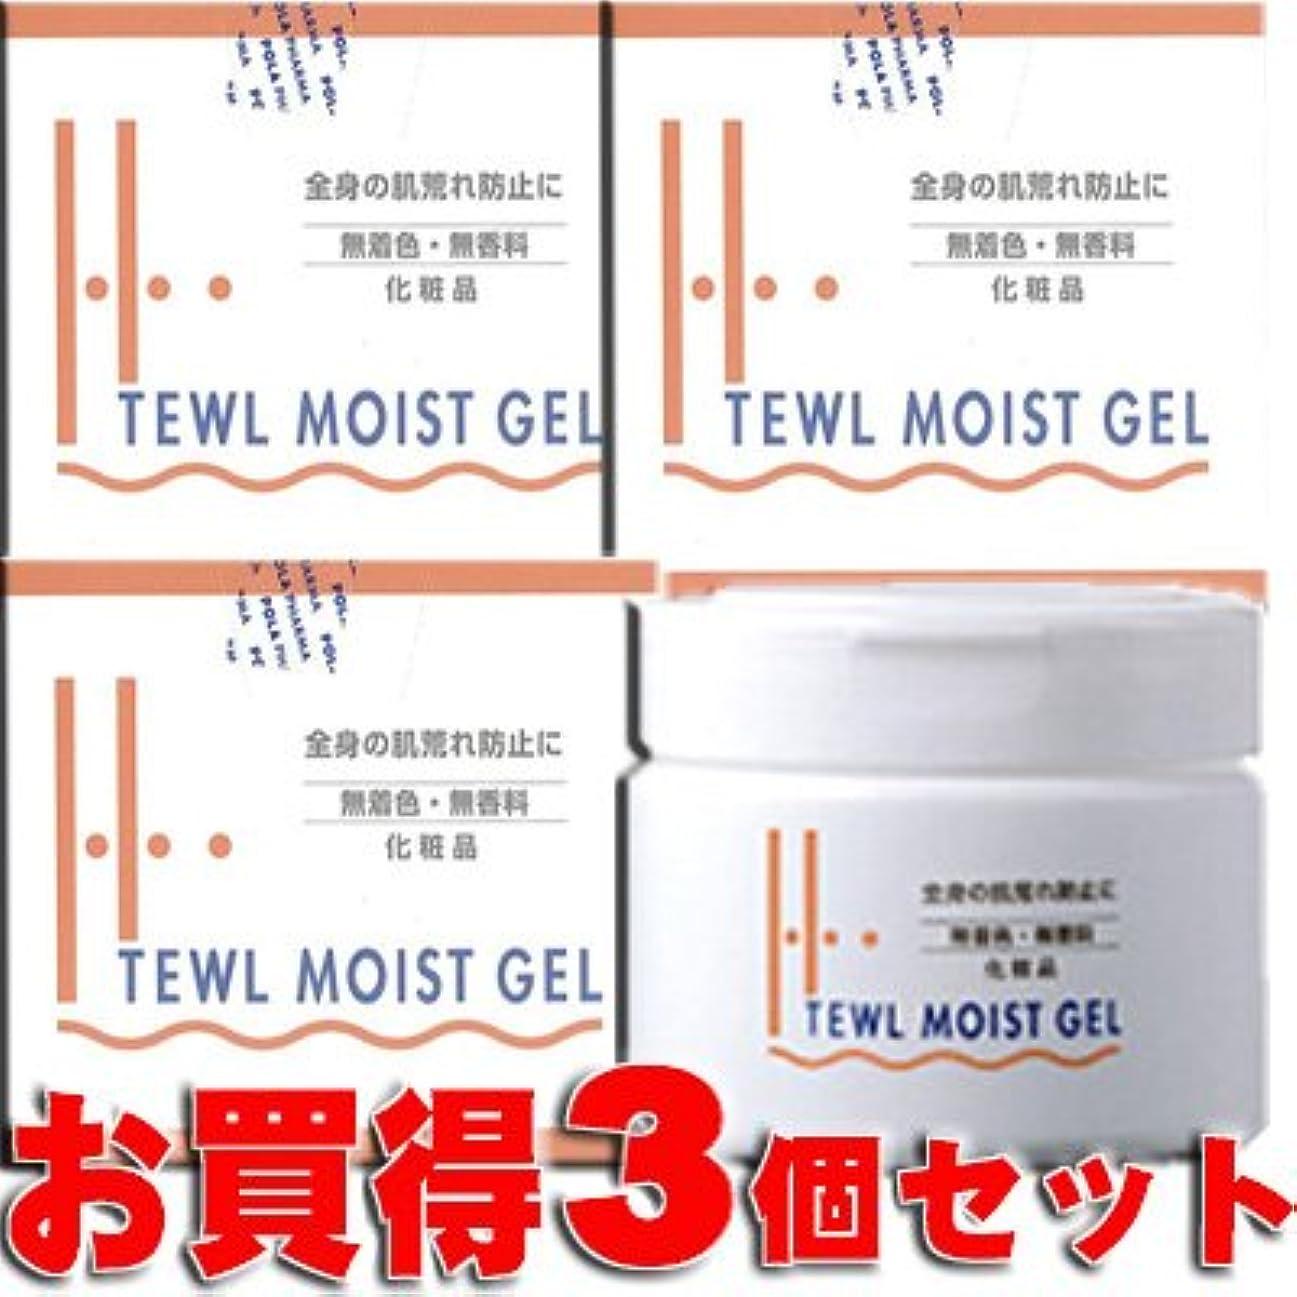 ギャラントリーリサイクルする継承★お買得3個★ ハイテウル モイストジェル 300gx3個 (ポーラファルマ)エタノールや界面活性剤に敏感な方へおすすめするゲルクリームです。